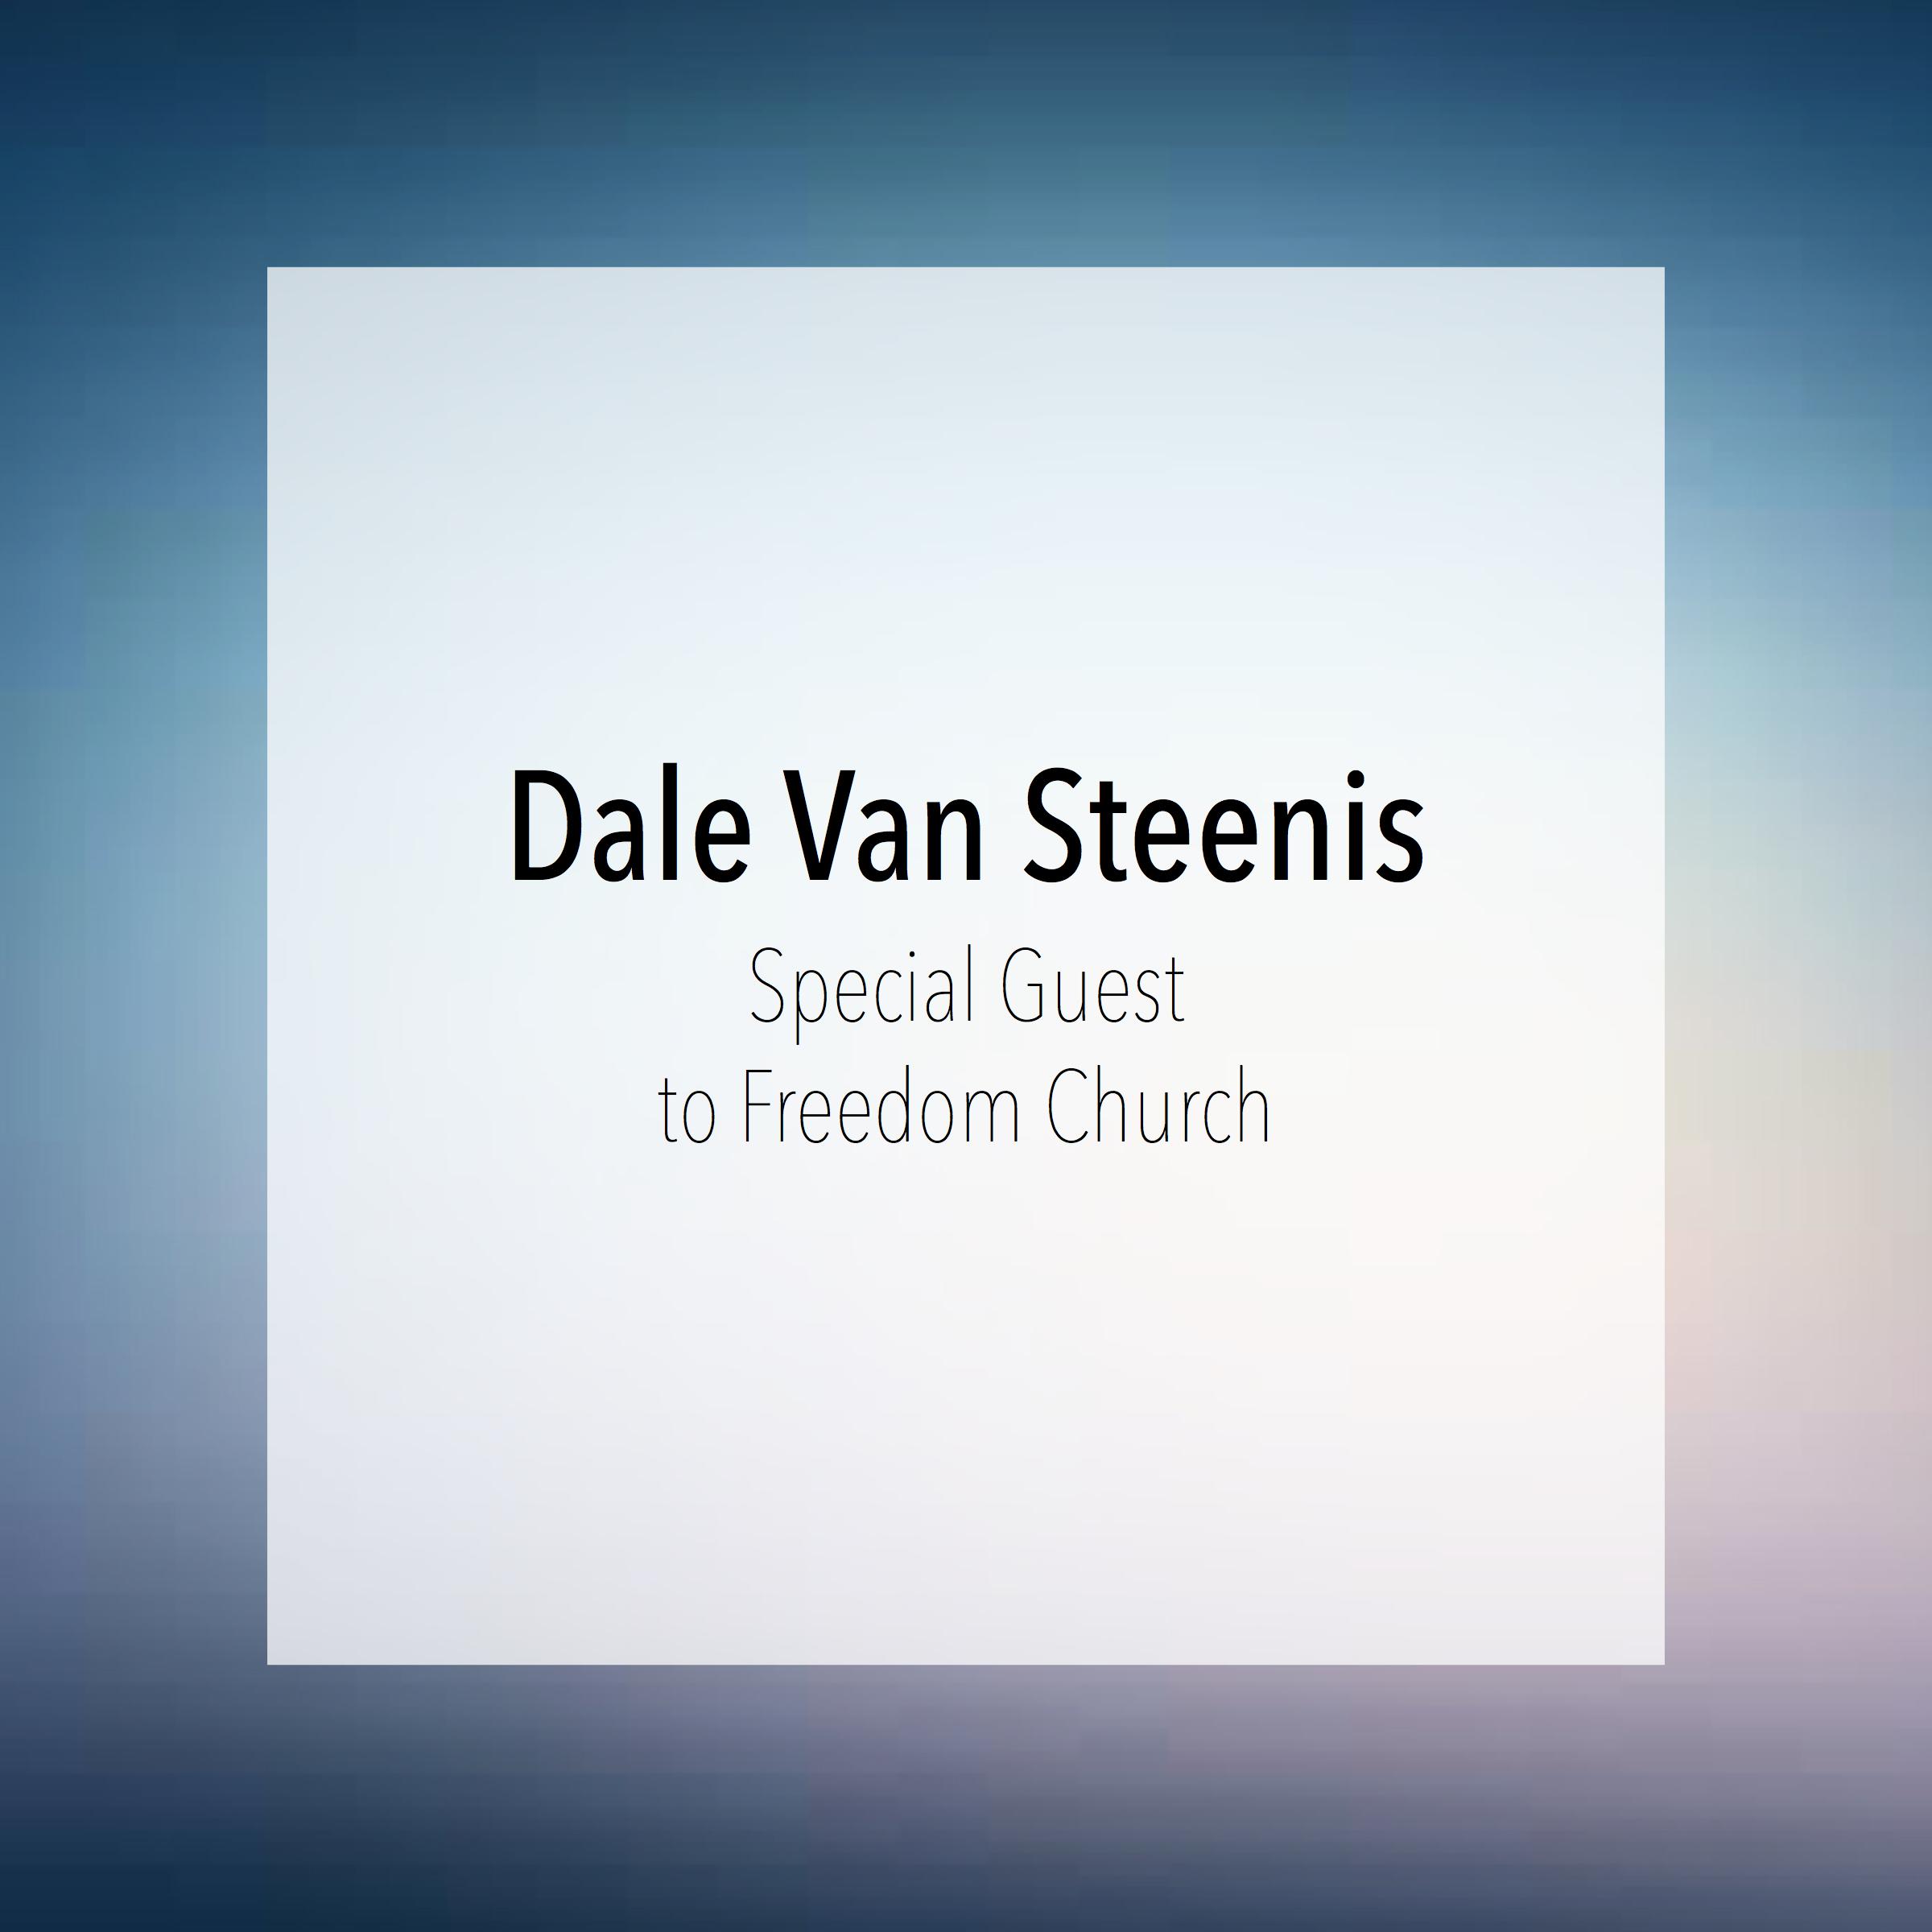 Special Guest Dale Van Steenis.jpg